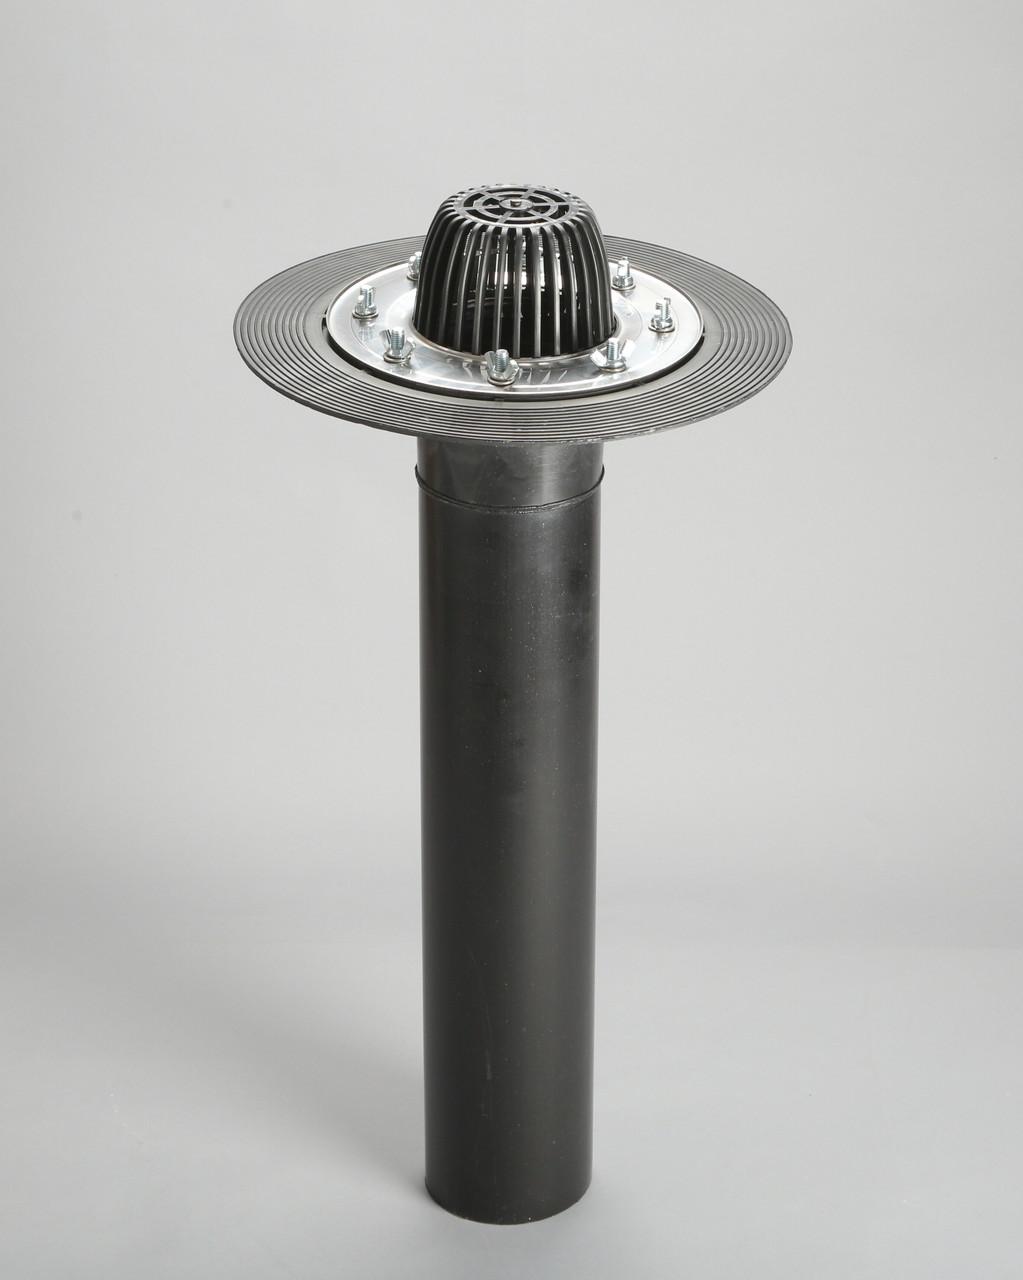 Кровельная воронка с прижимным фланцем из нержавеющей стали, 110/600 мм